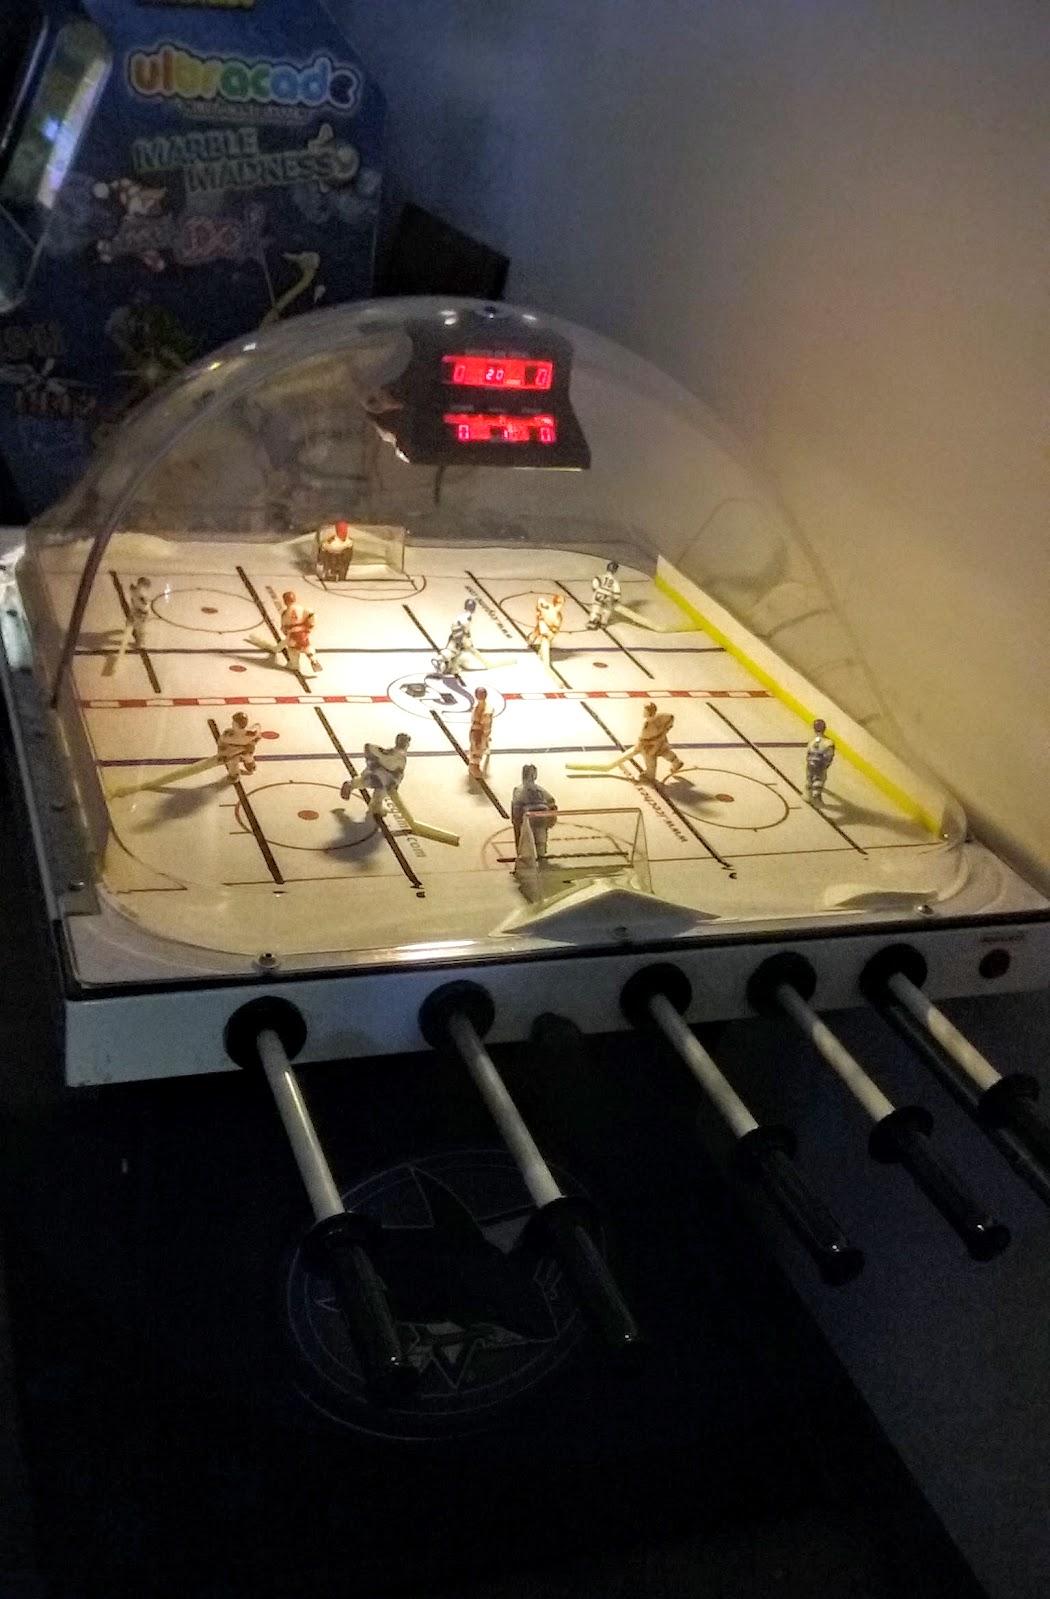 otro de nuestros favoritos juego de hockey para dos personas pinball hall of fame las vegas